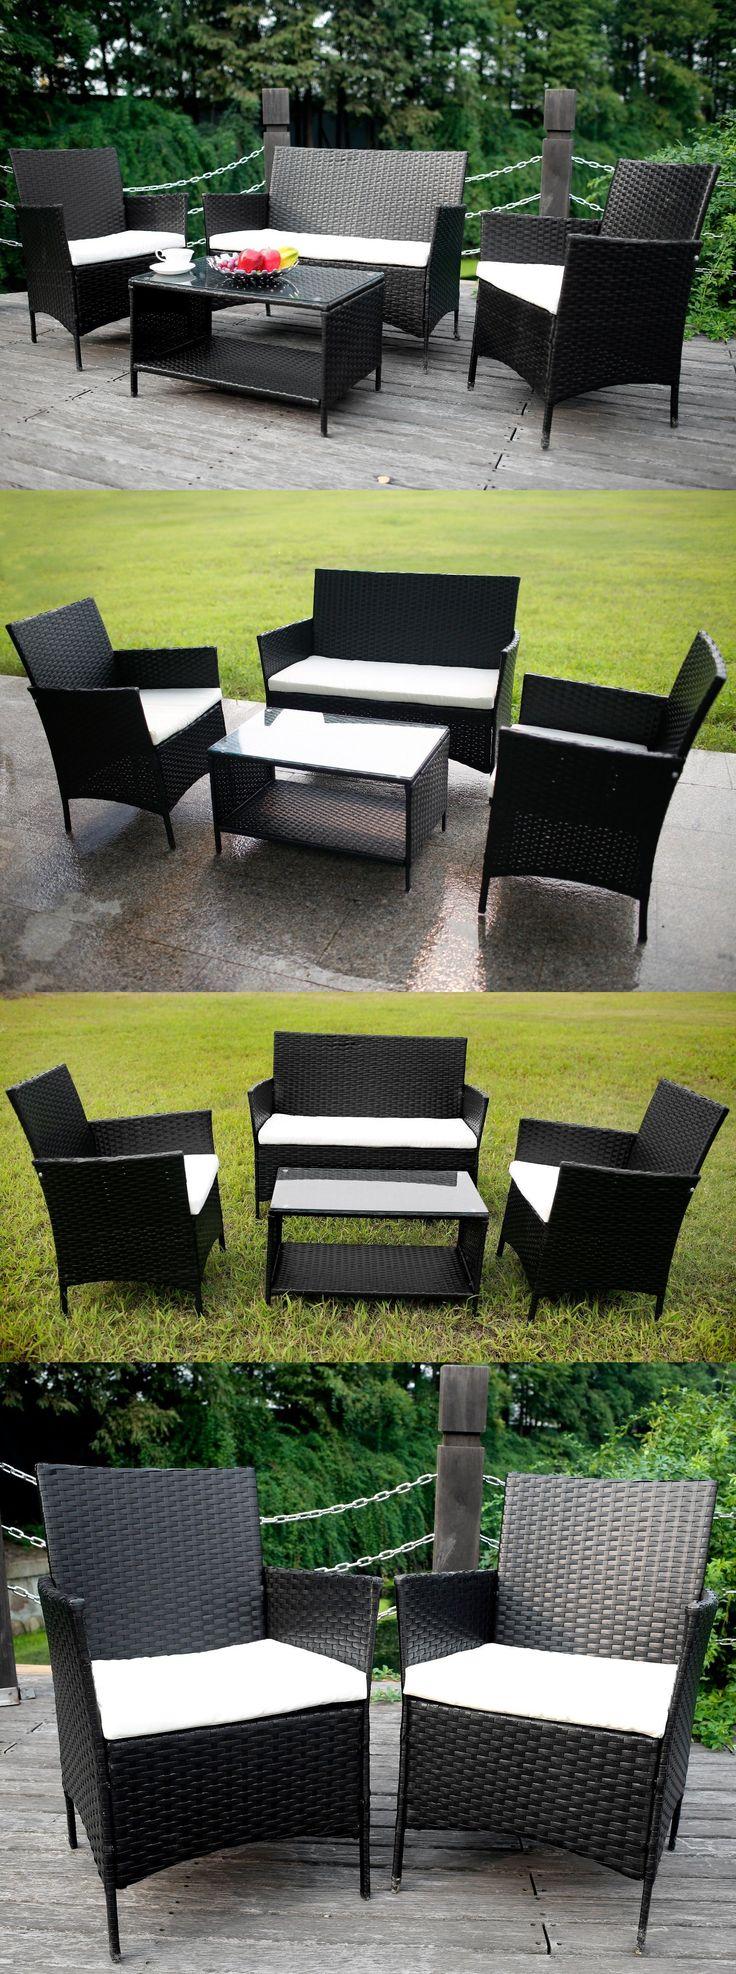 Rattan Sofa Outdoor | ambiznes.com